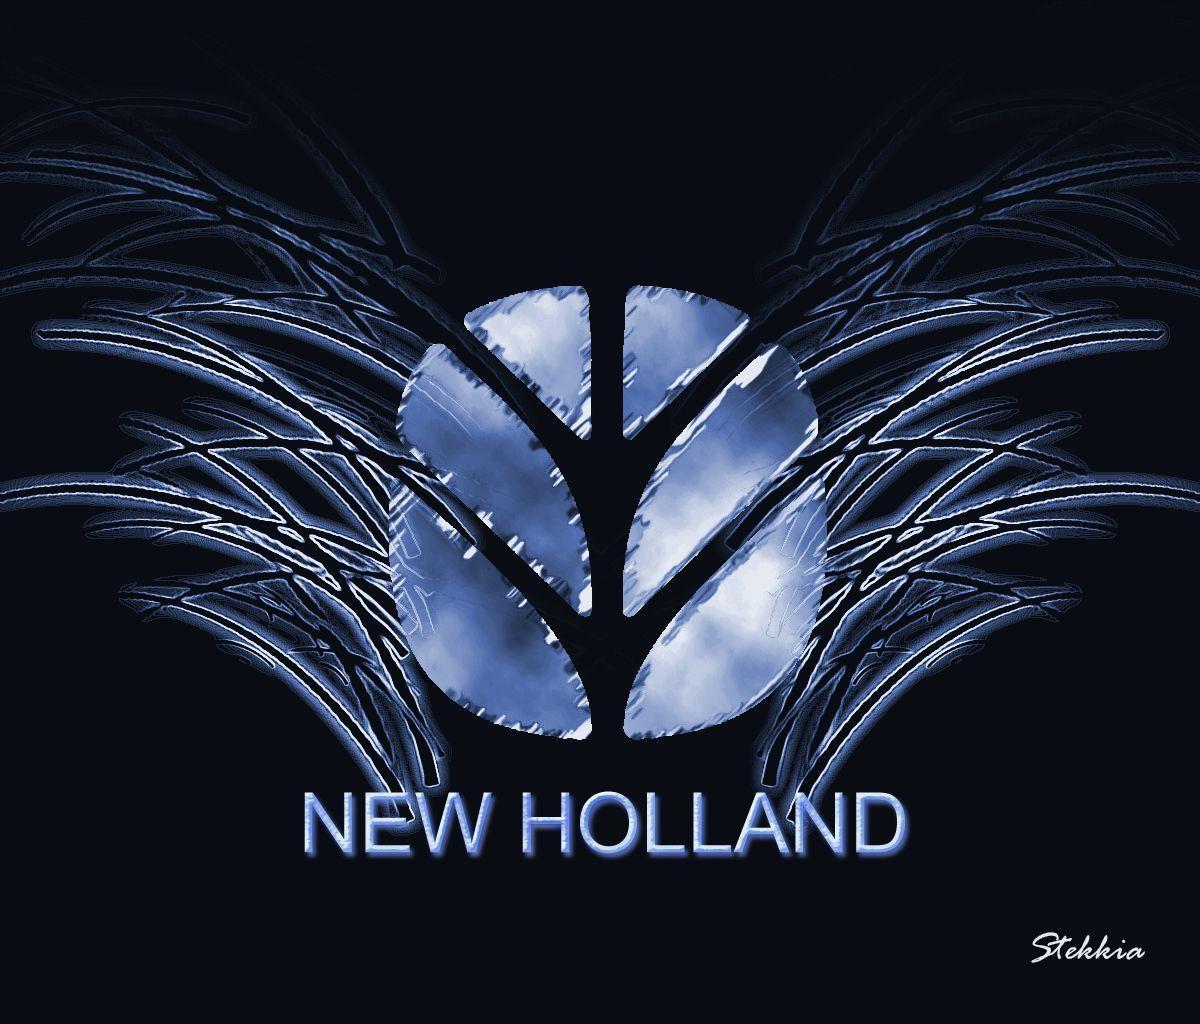 Desktop Wallpaper New: New Holland Wallpapers